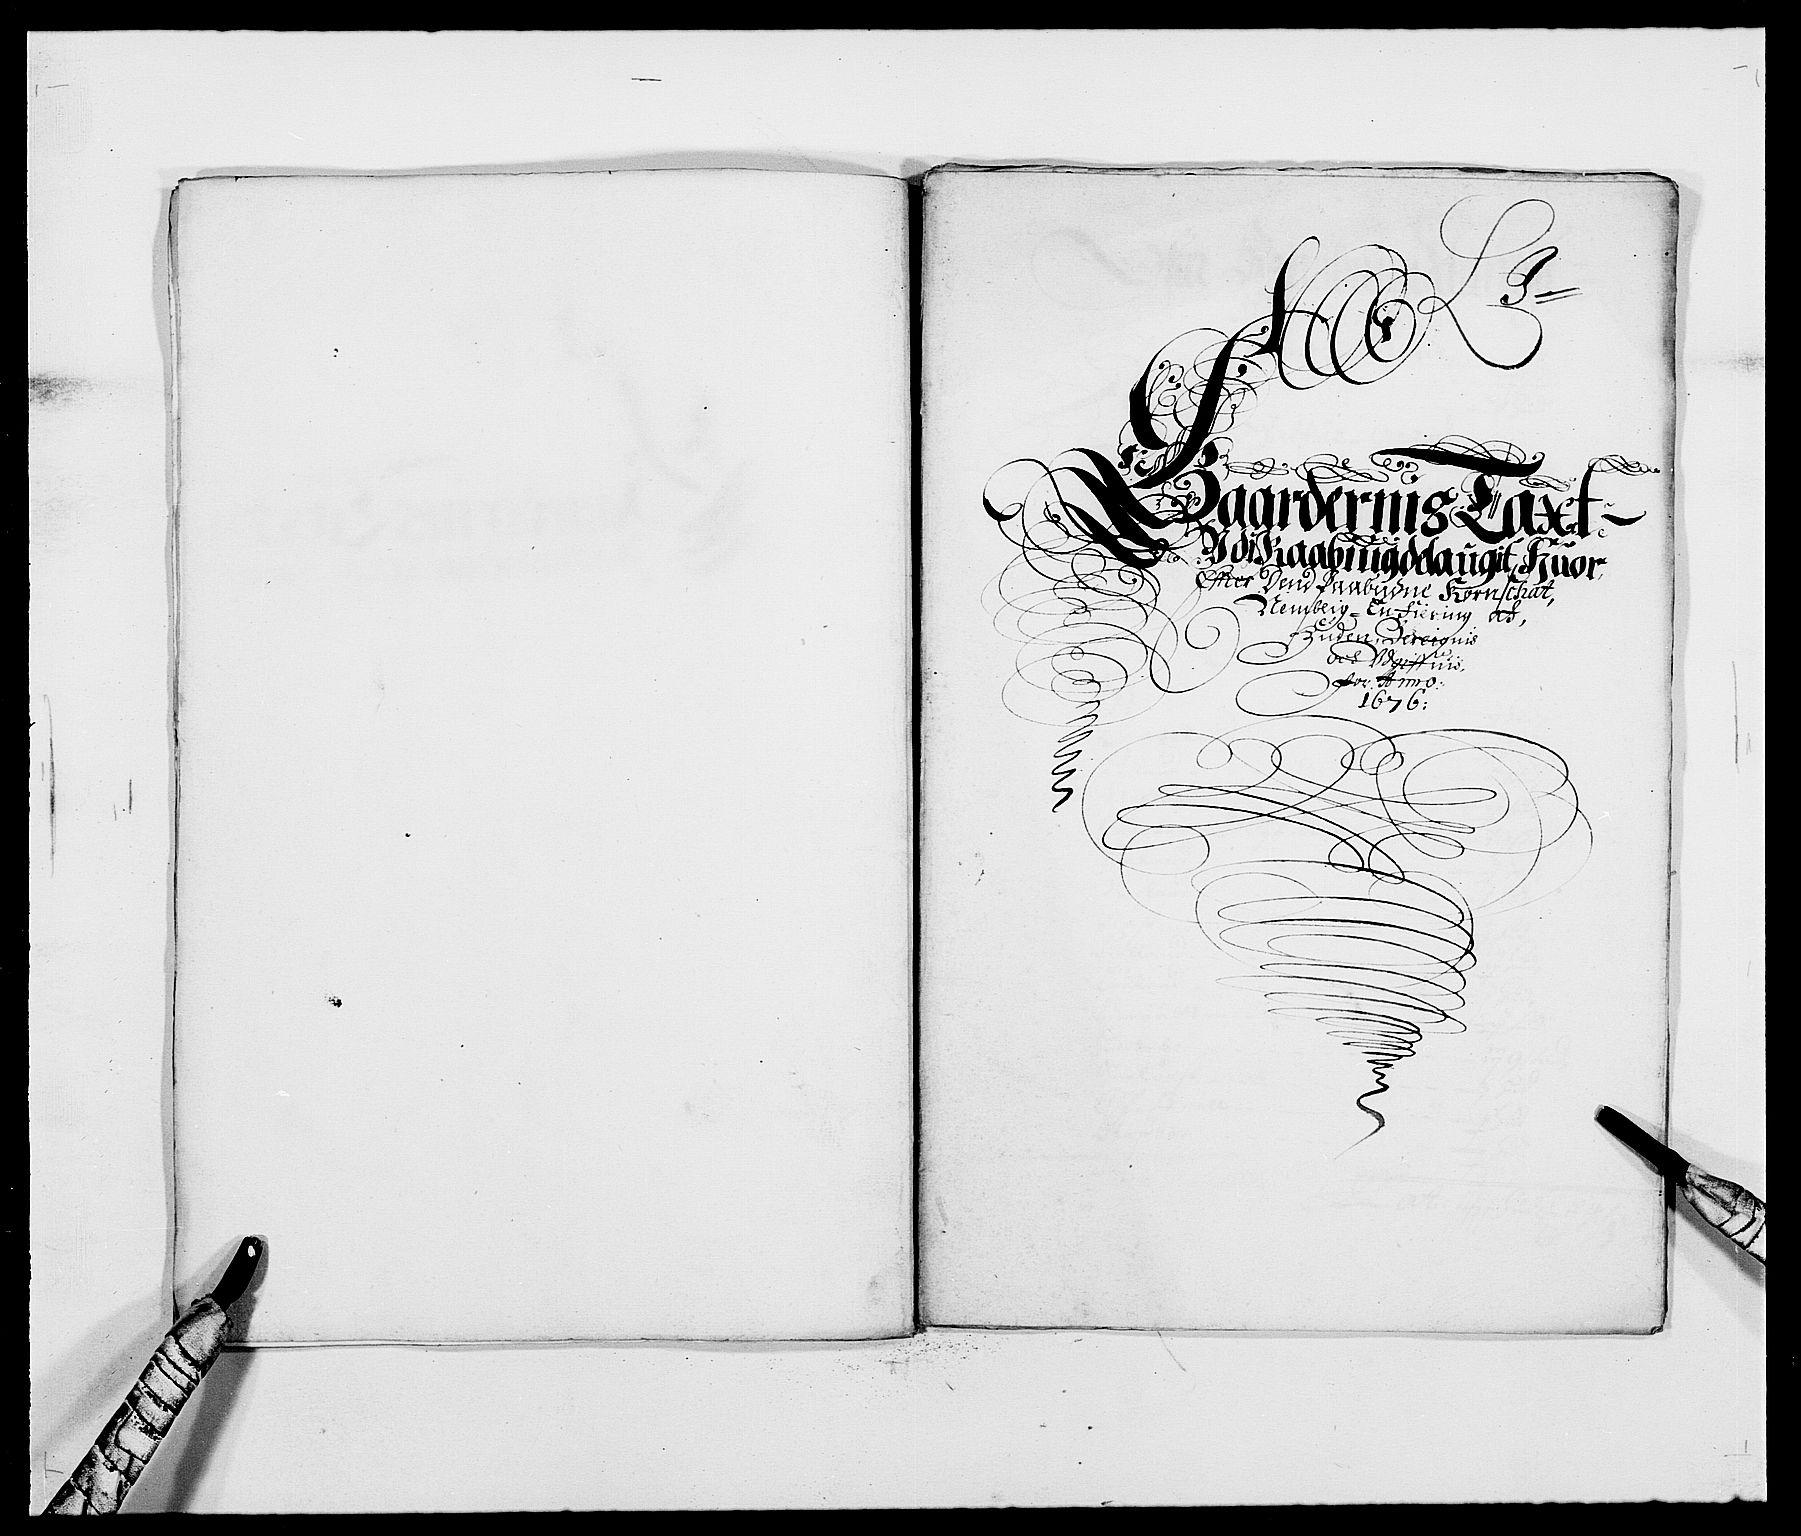 RA, Rentekammeret inntil 1814, Reviderte regnskaper, Fogderegnskap, R40/L2434: Fogderegnskap Råbyggelag, 1675-1676, s. 362